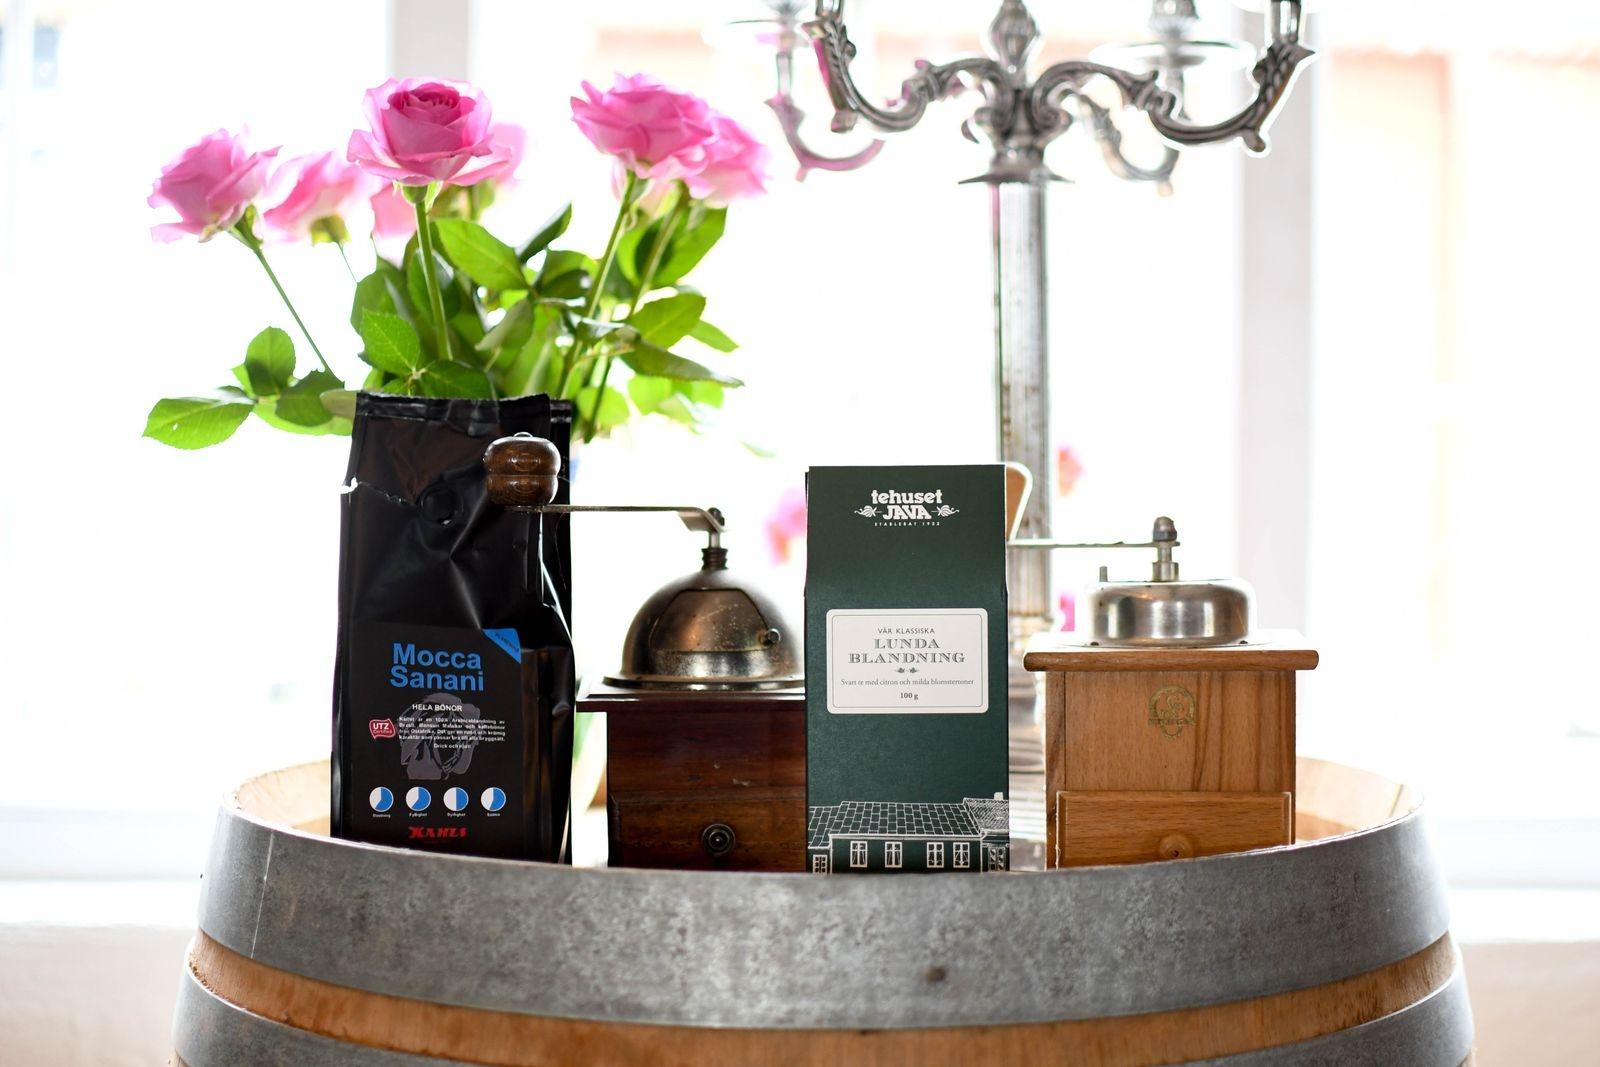 Kaffe och te har en självklar plats i den nystartade gårdsbutiken på Vallebergaslätt.